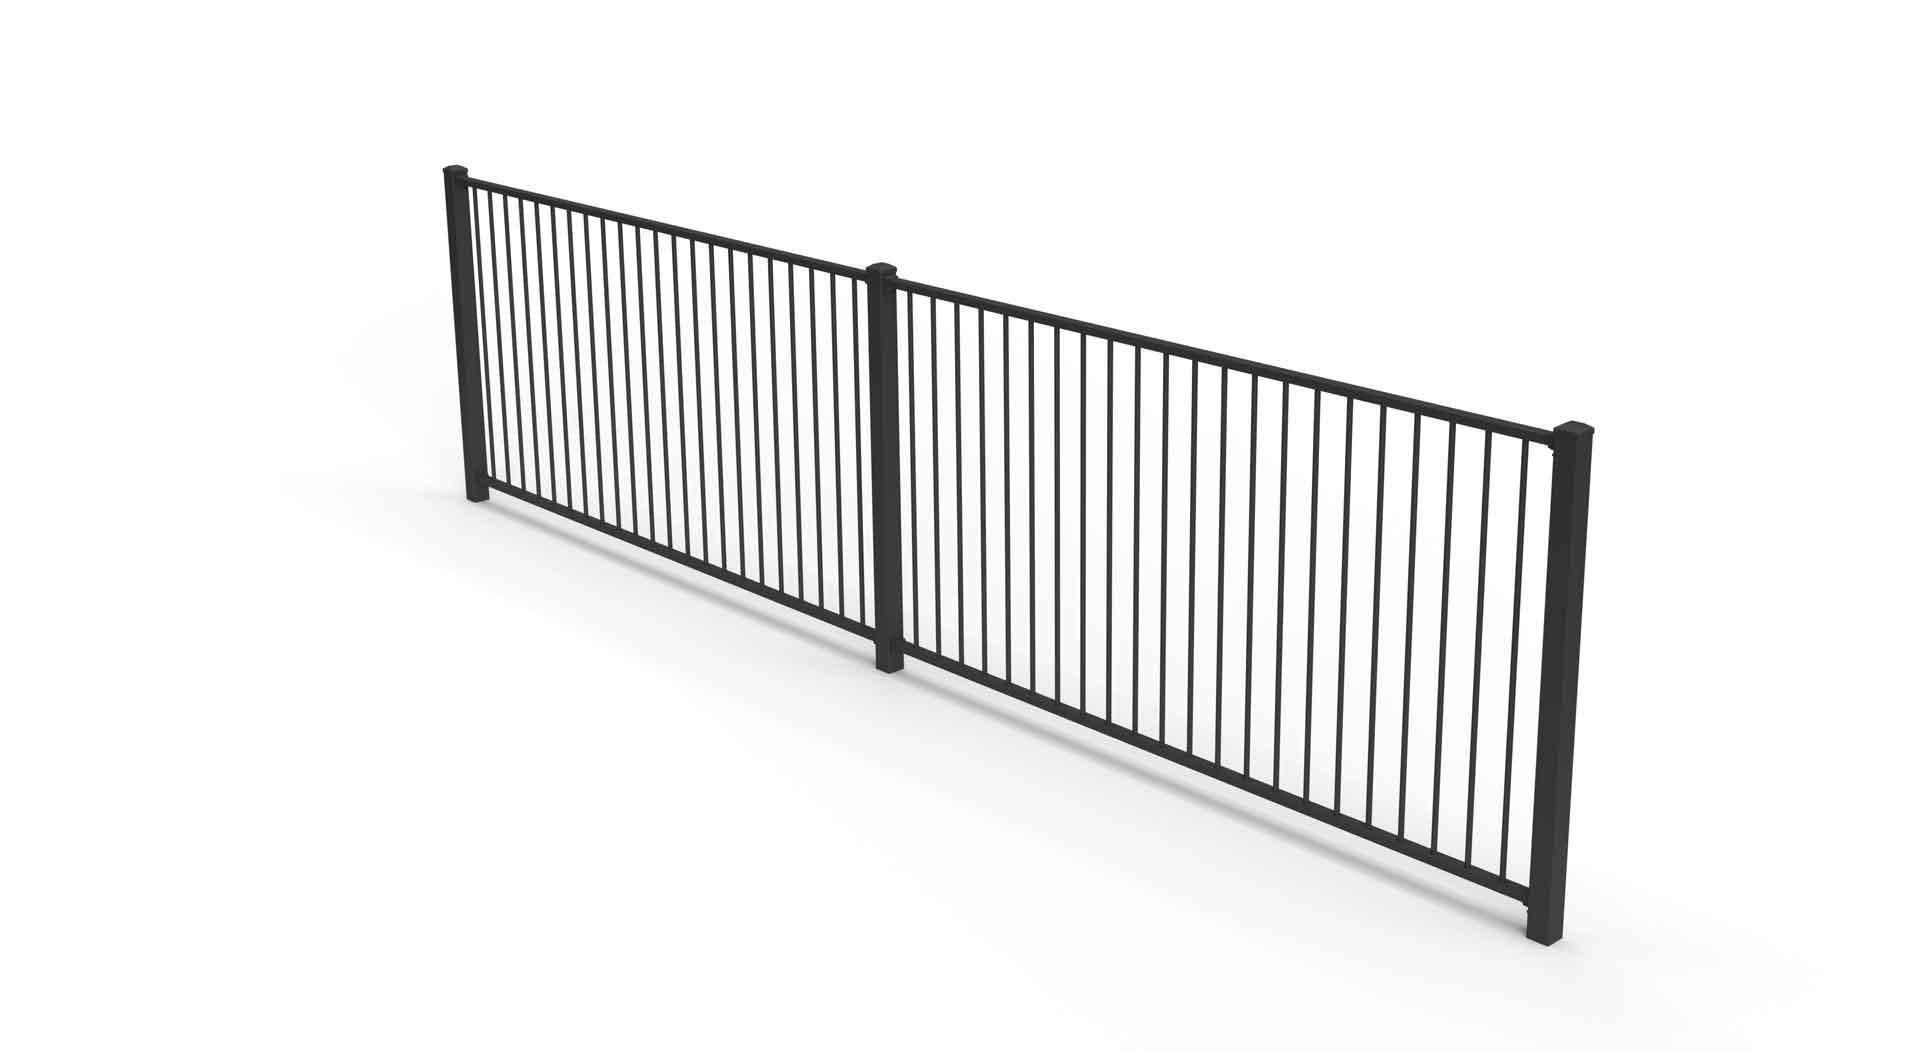 Plain fencing panel aluminium